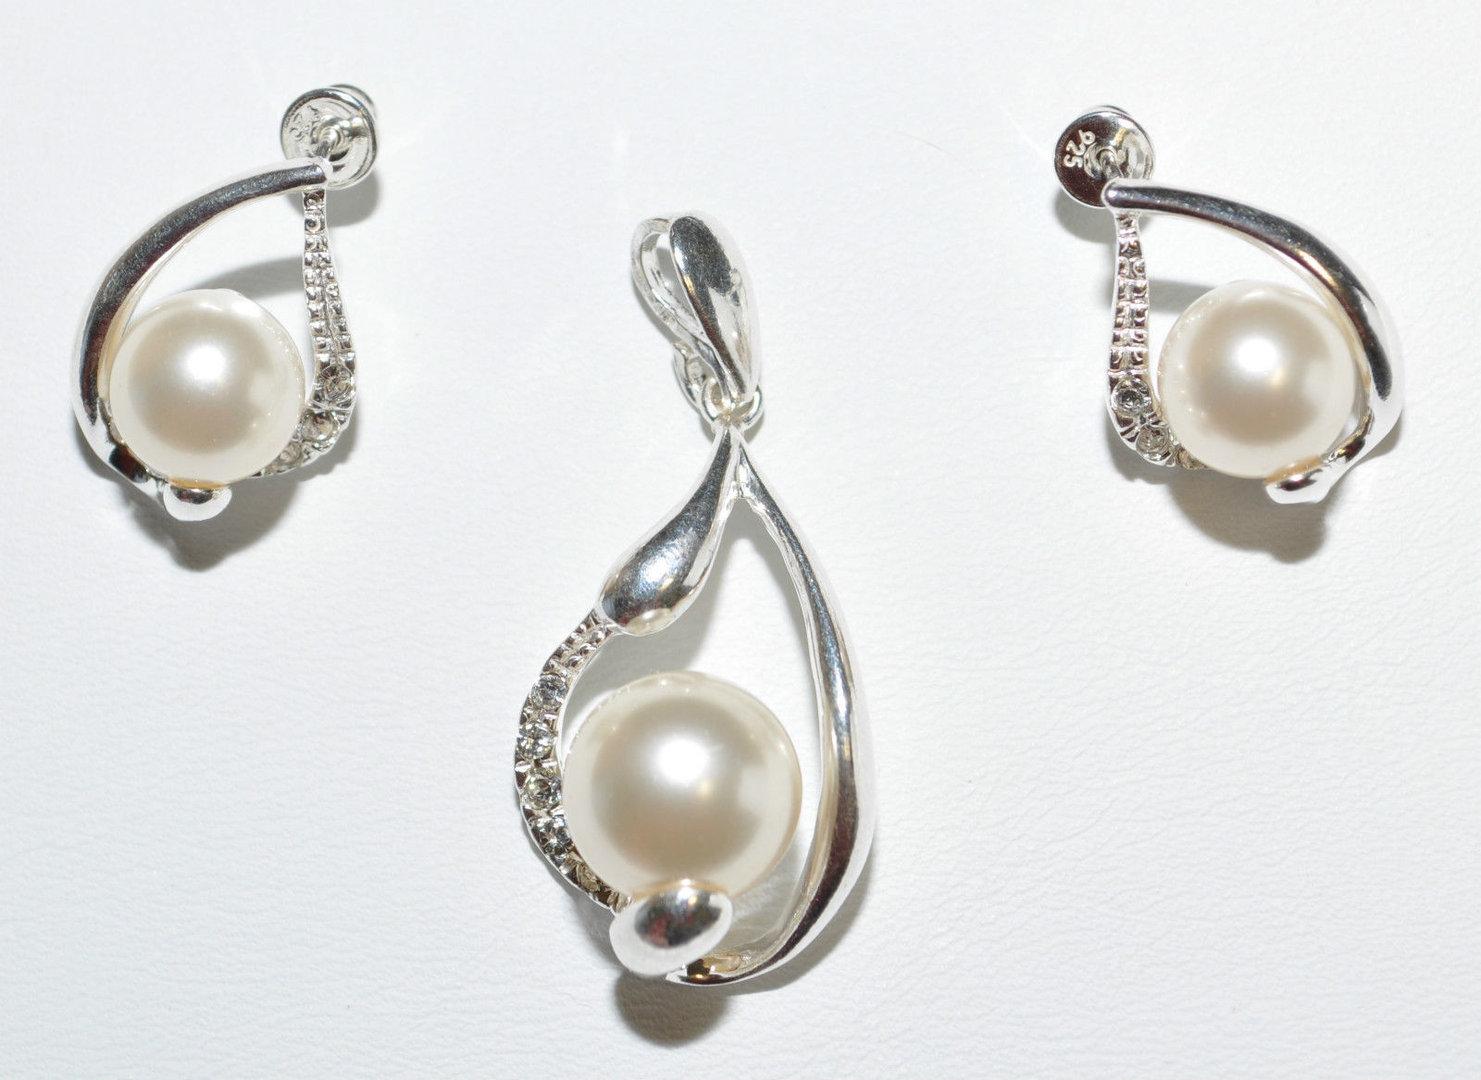 Silberschmuck günstig  Silber 925 Silberschmuck Set mit Perlen und Zirkonia - Günstig ...